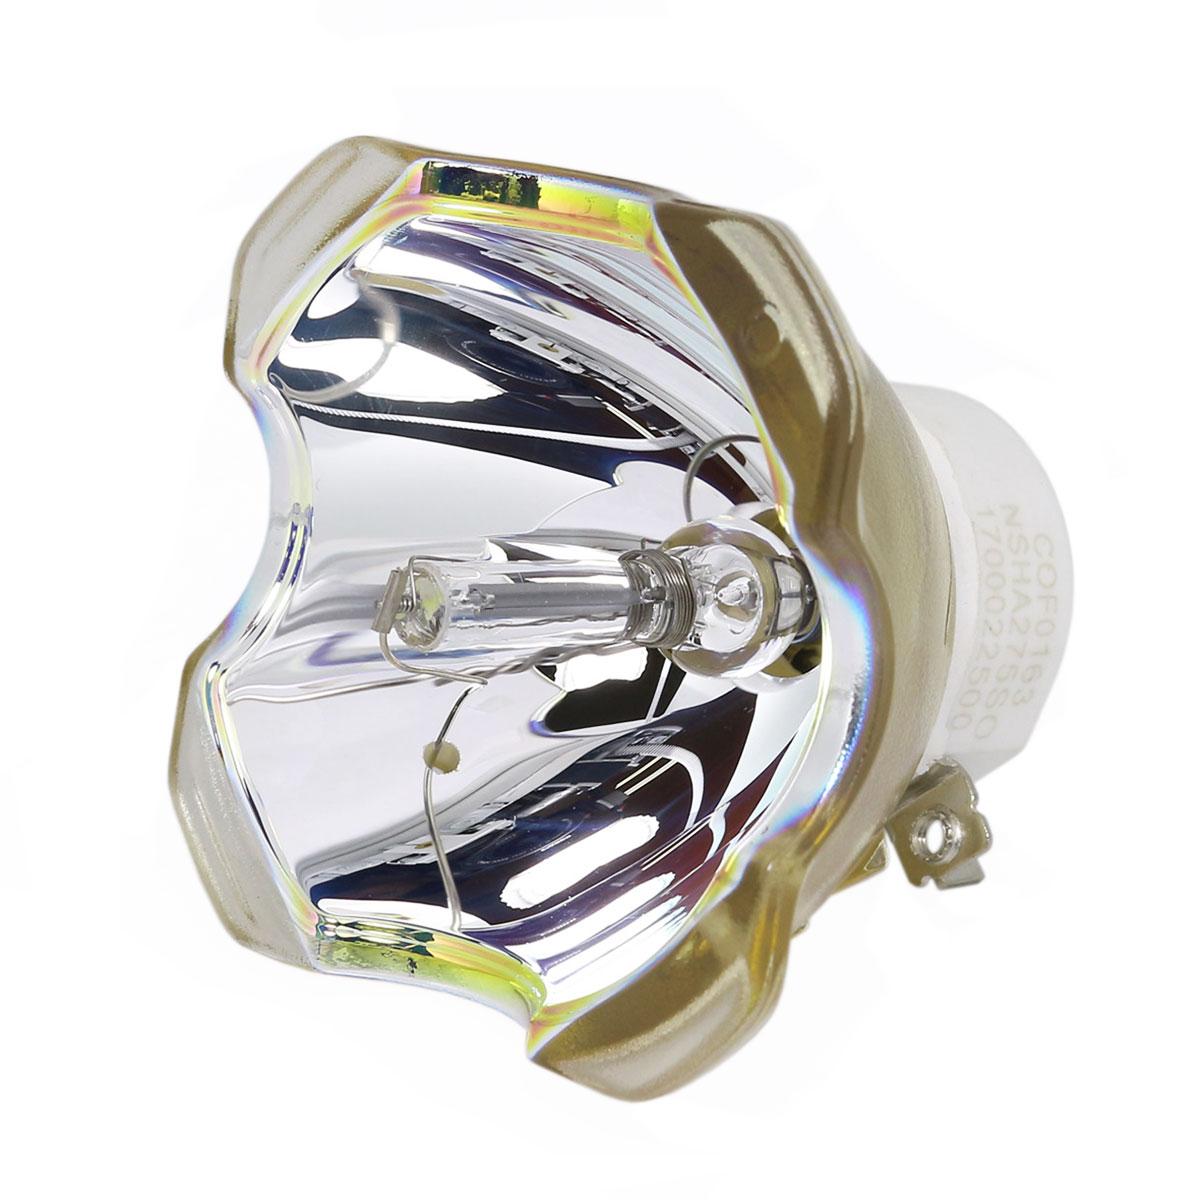 Compatible ET-LAV200 ETLAV200 for Panasonic PT-VW435N PT-VW431D PT-VW440 PT-VX505N PT-VX500 PT-VX510 Projector Lamp Bulb Without et lav200 compatible lamp for panasonic pt vw435n pt vw430 pt vw431d pt vw440 pt vx505n pt vx500 pt vx510